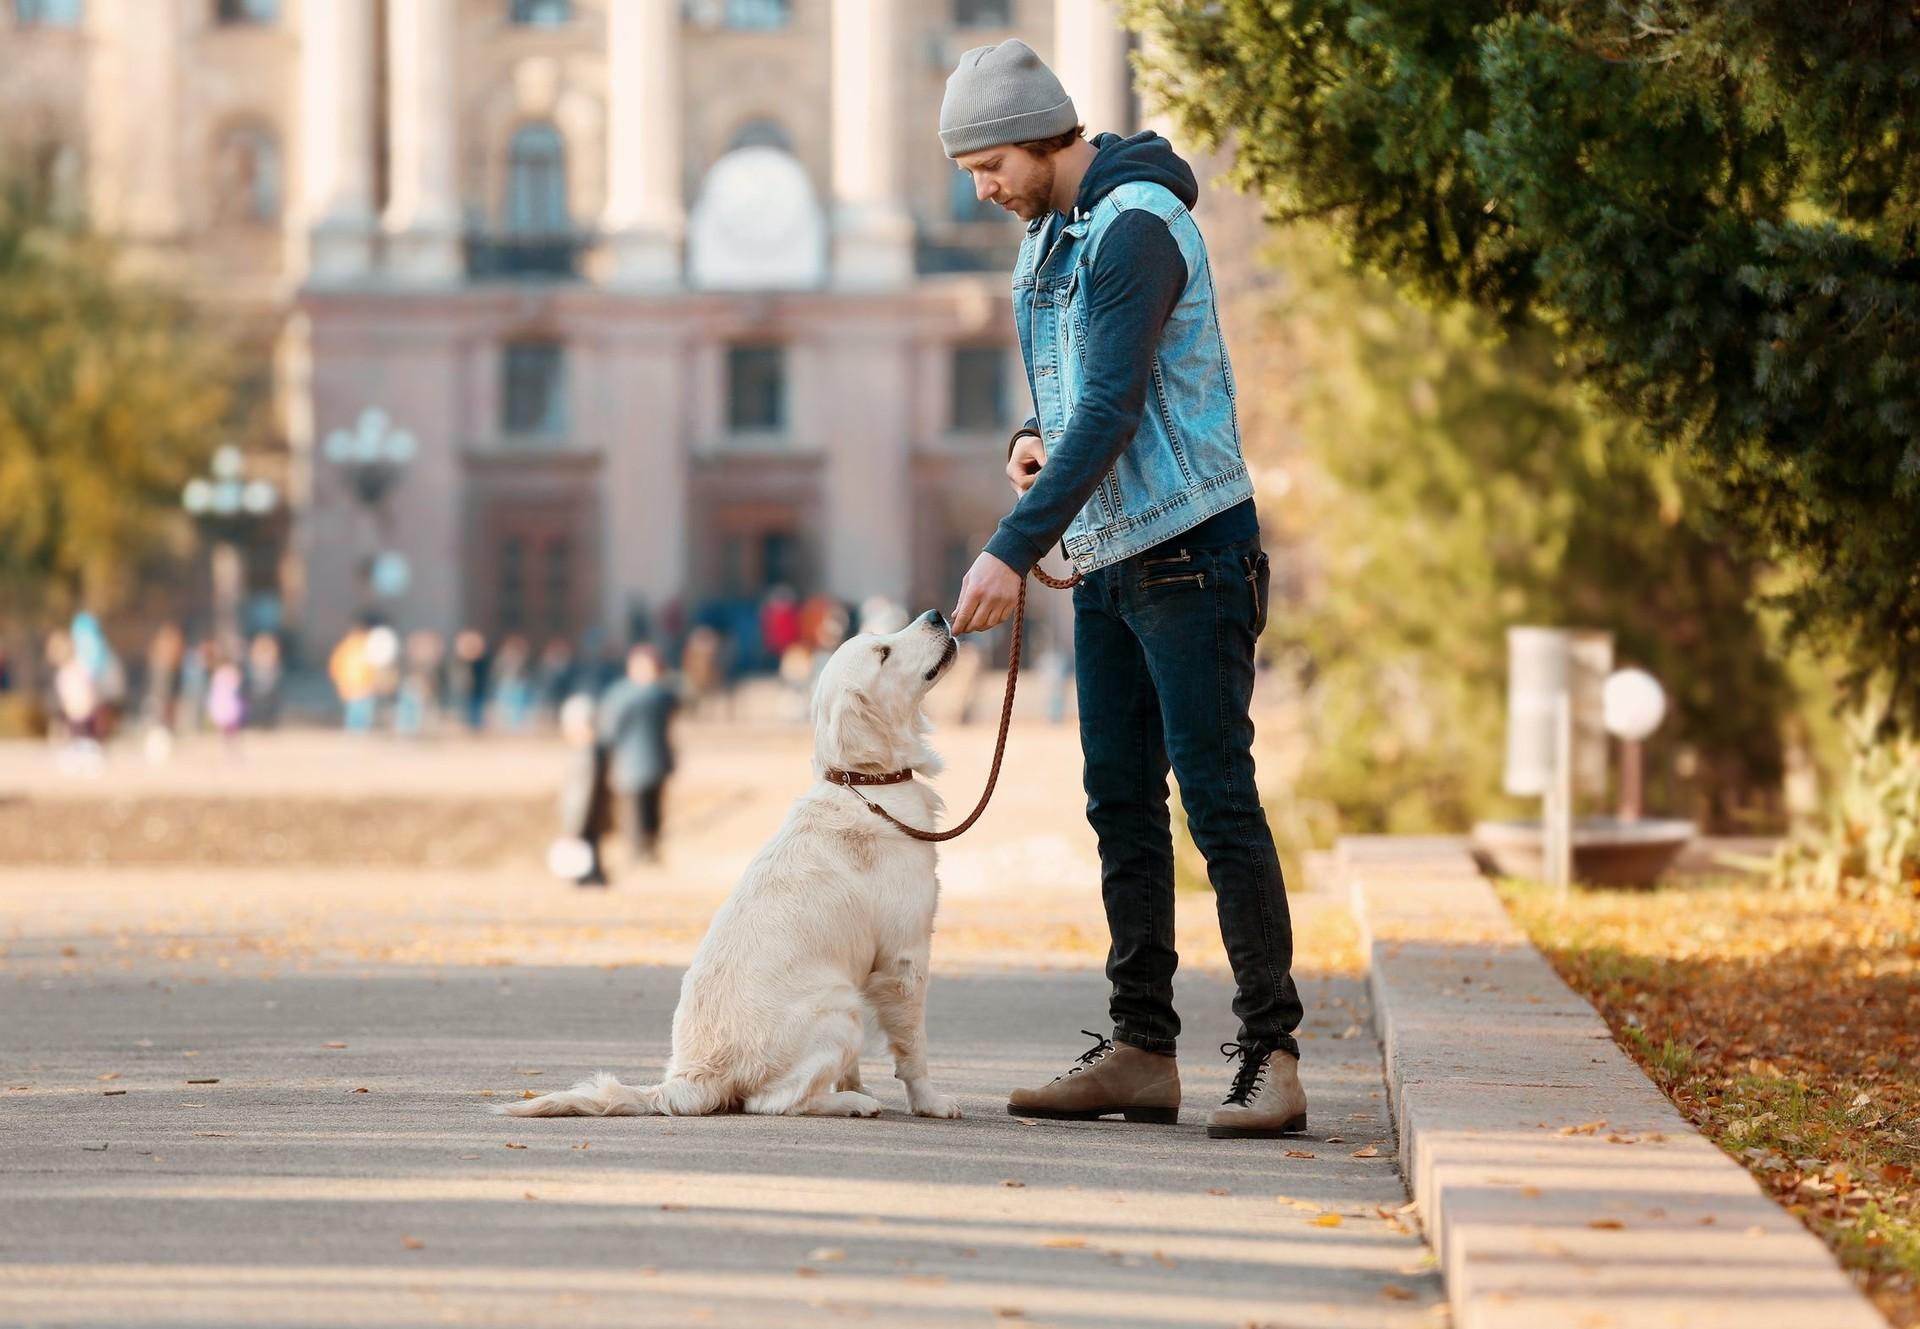 Hund mit Halter